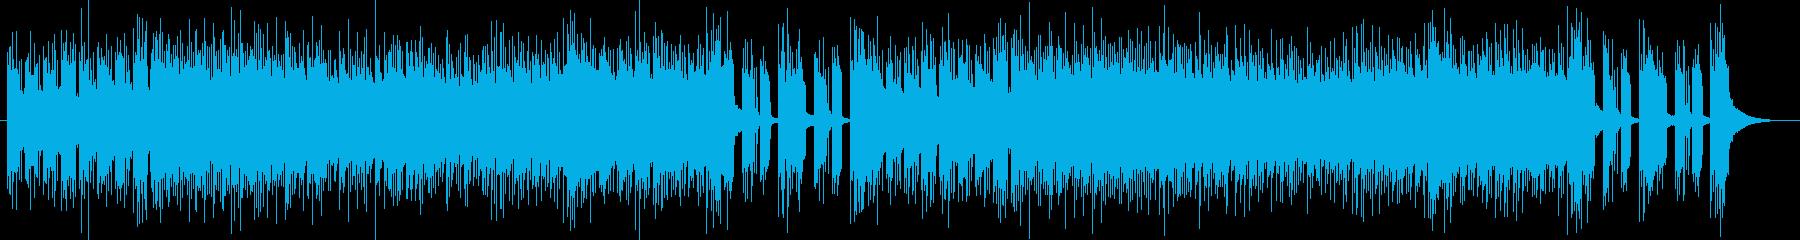 「Heavy/DARK」BGM5の再生済みの波形